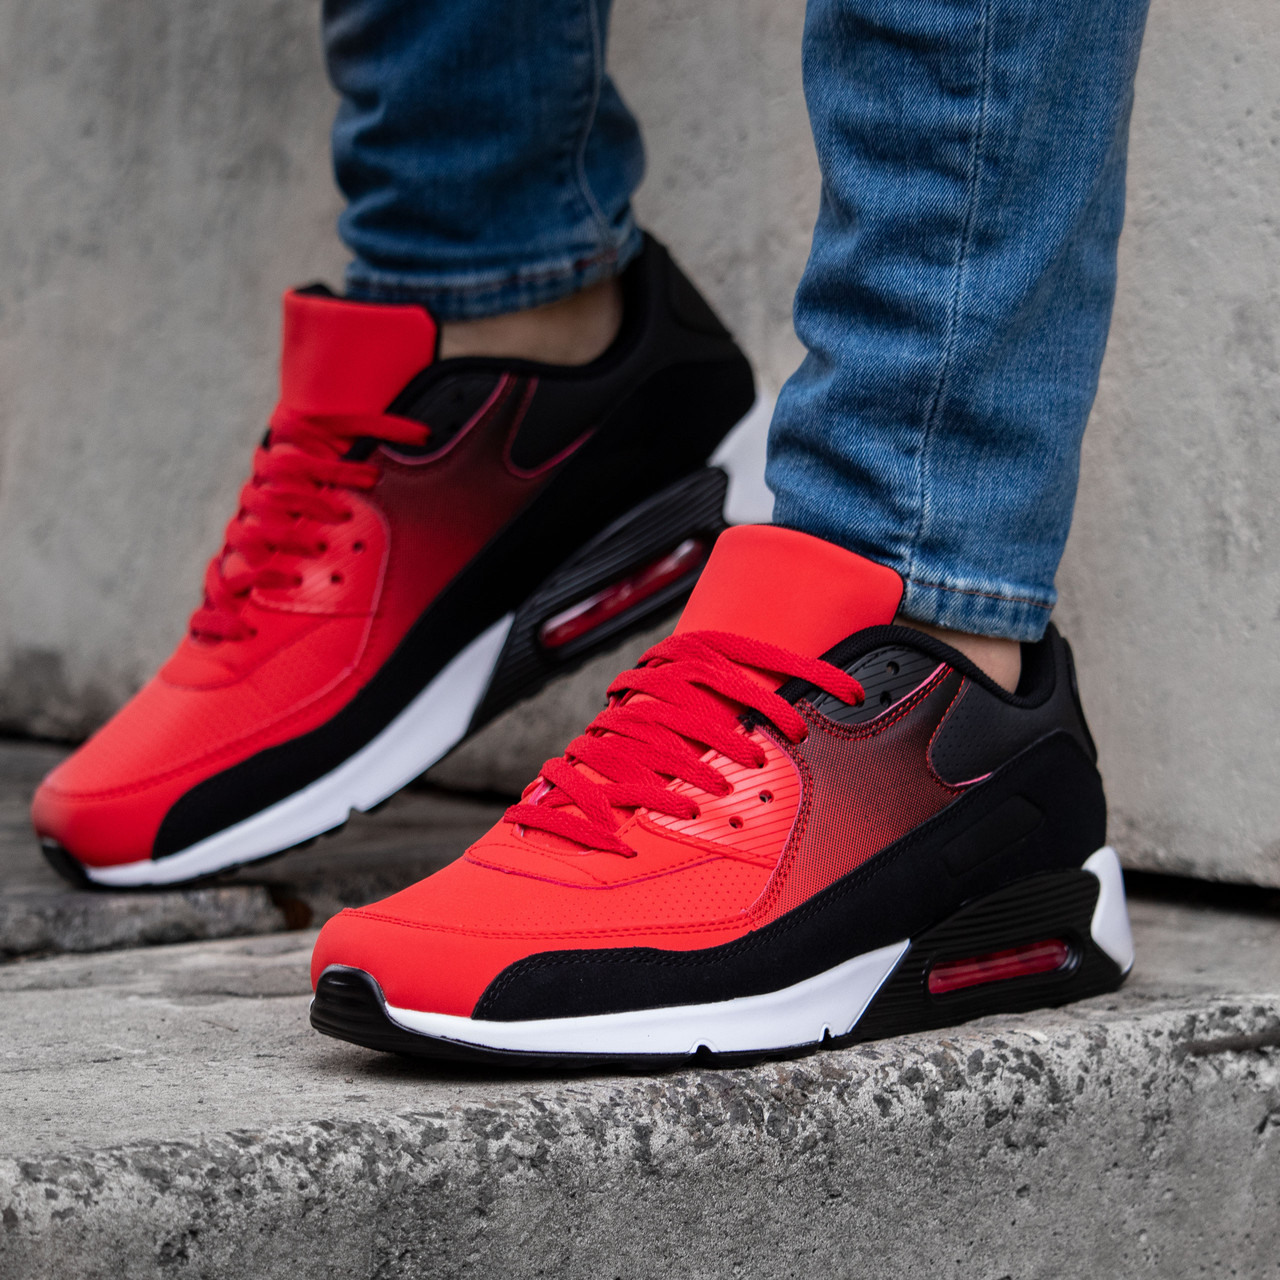 Мужские кроссовки в стиле Nike Air Max 90 обувь мужская демисезонная Размеры (41,42,43,44,45,46)